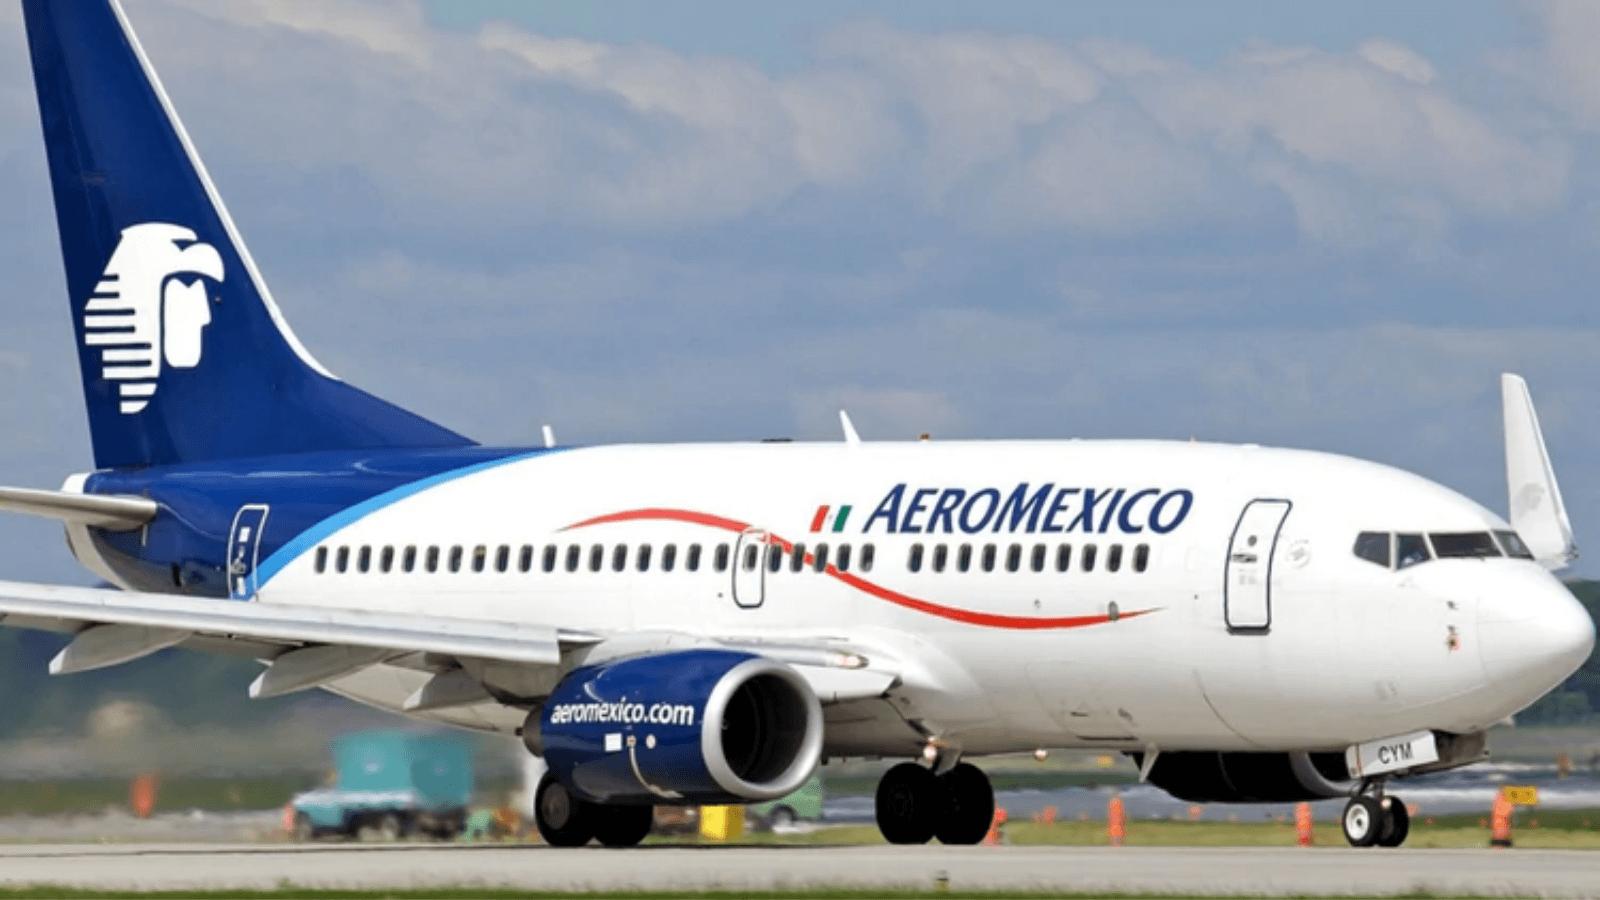 Con reducción de frecuencias, Aeroméxico comenzará a operar vuelos internacionales a partir de mayo 8